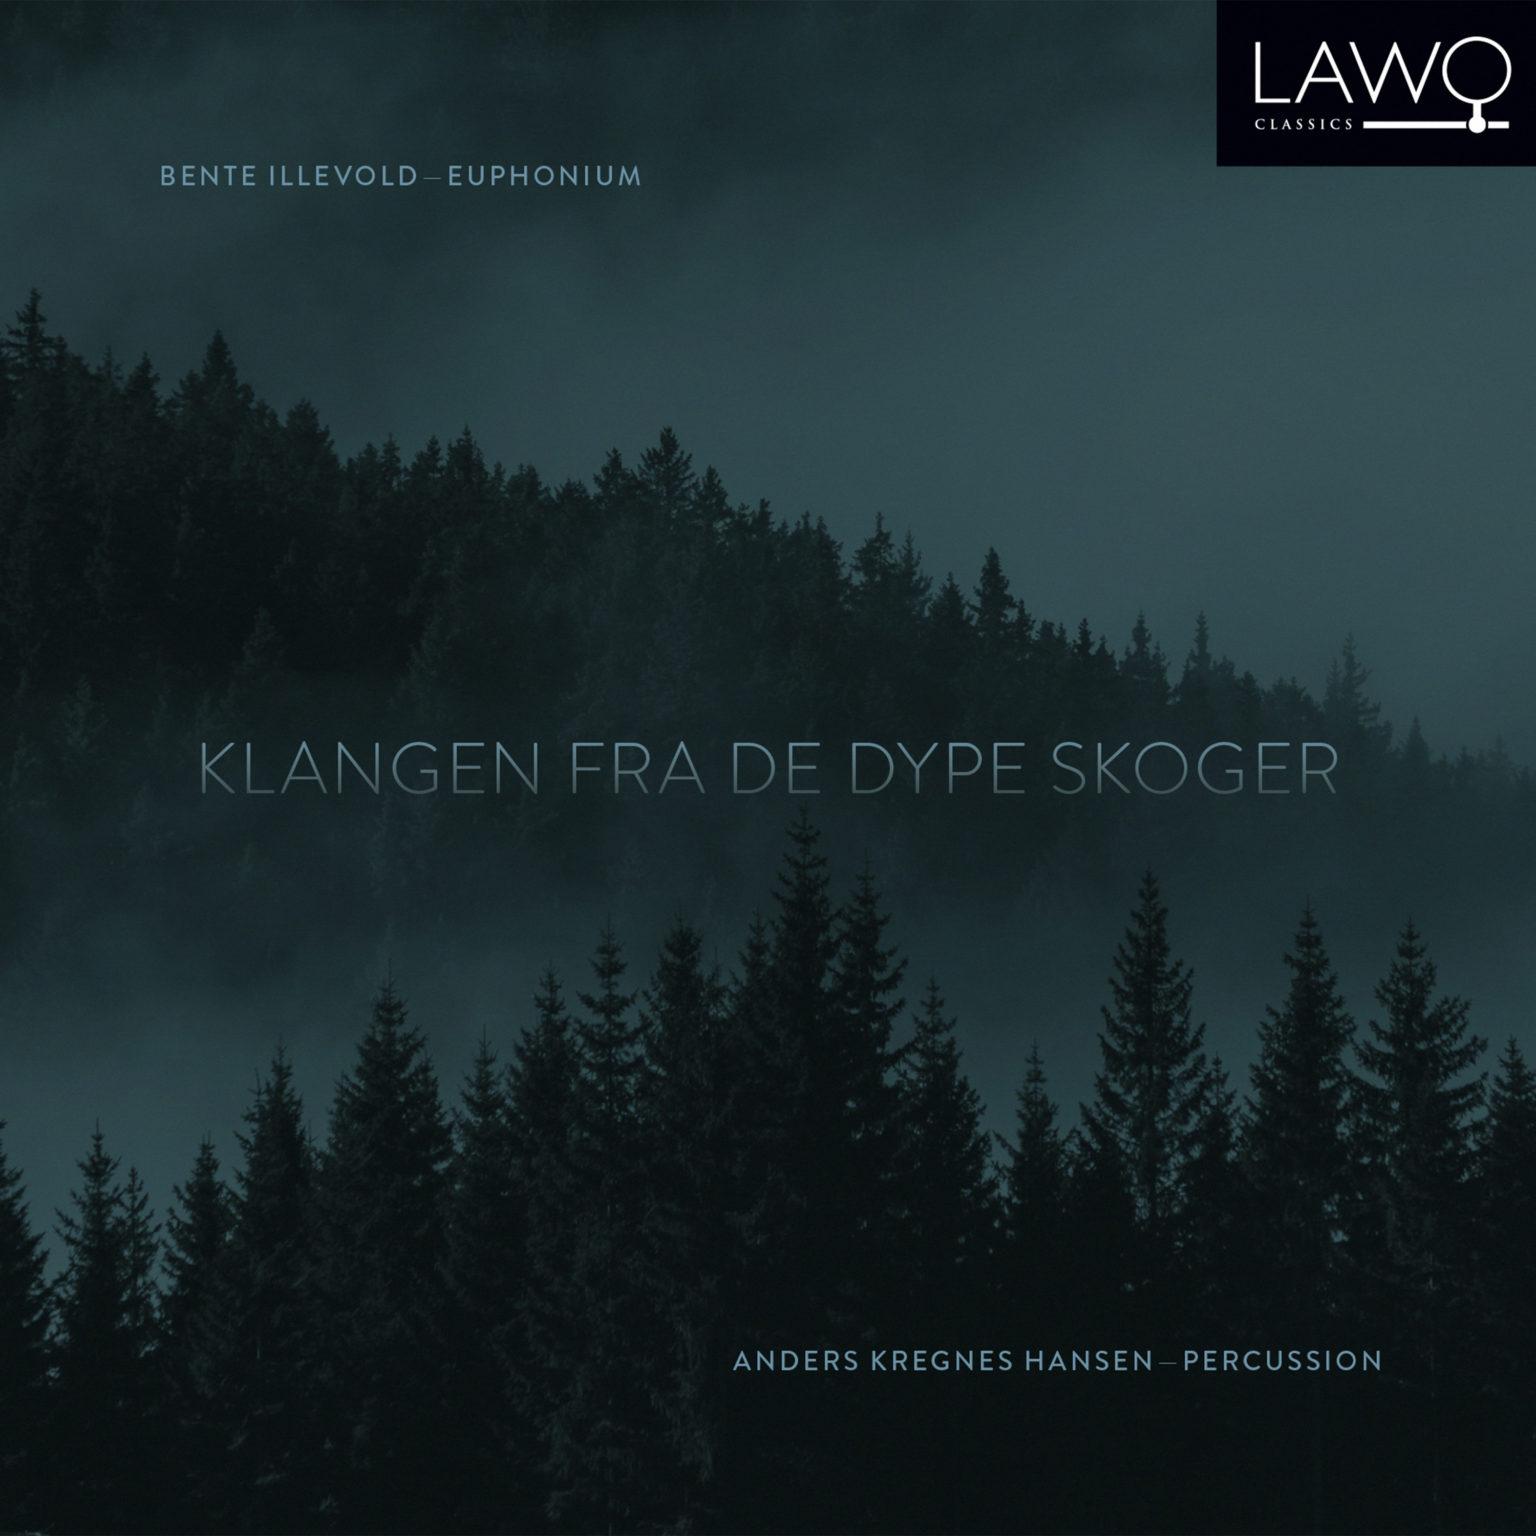 Click image for larger version.  Name:LWC1195_Bente_Illevold_Klangen_fra_de_dype_skoger_cover_3000x3000px-1536x1536.jpg Views:189 Size:174.8 KB ID:7720